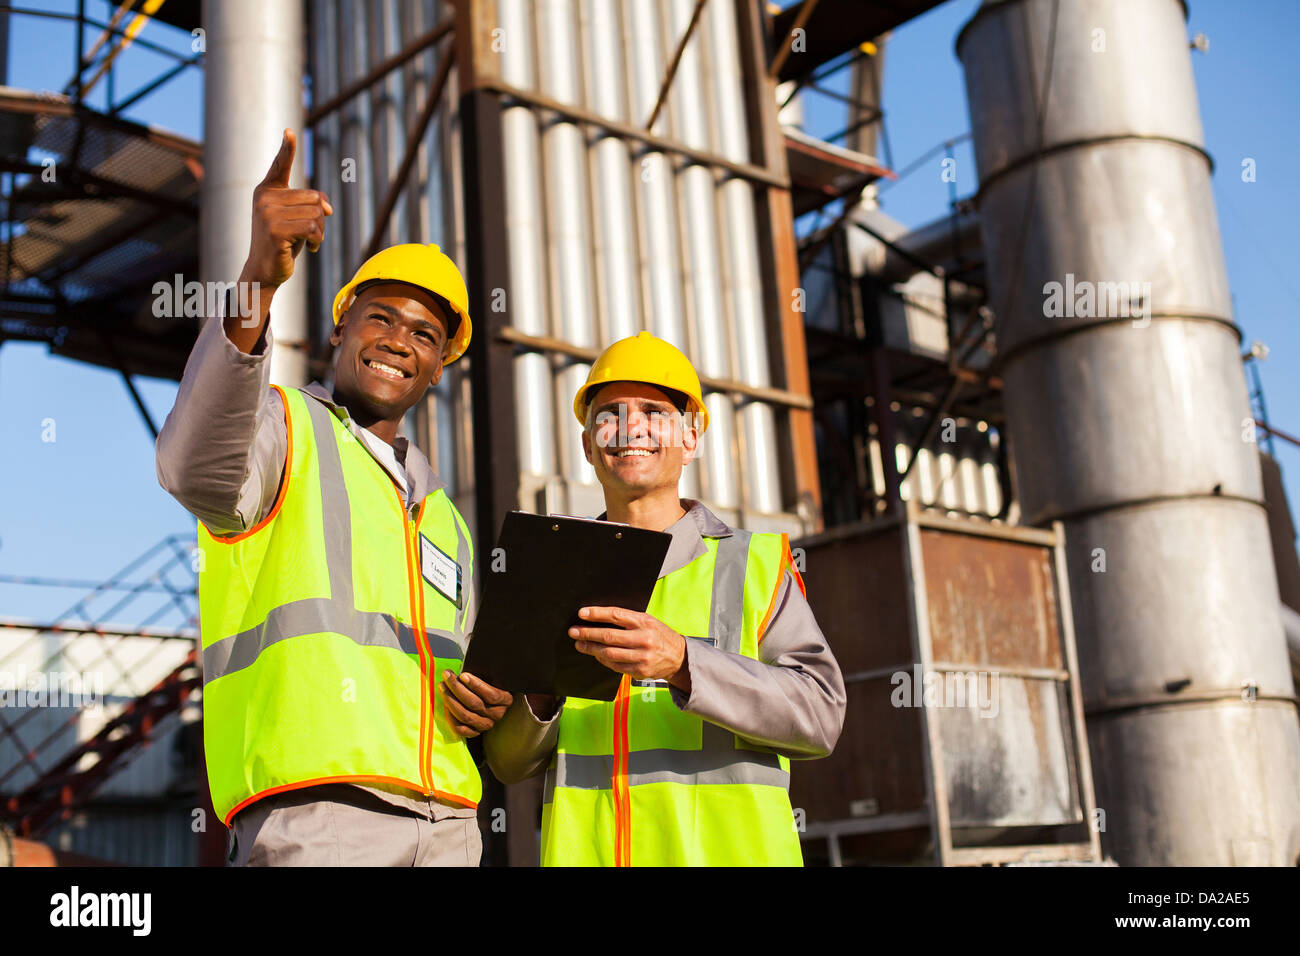 Allegro chimica del combustibile i lavoratori che operano in impianti di raffineria Immagini Stock